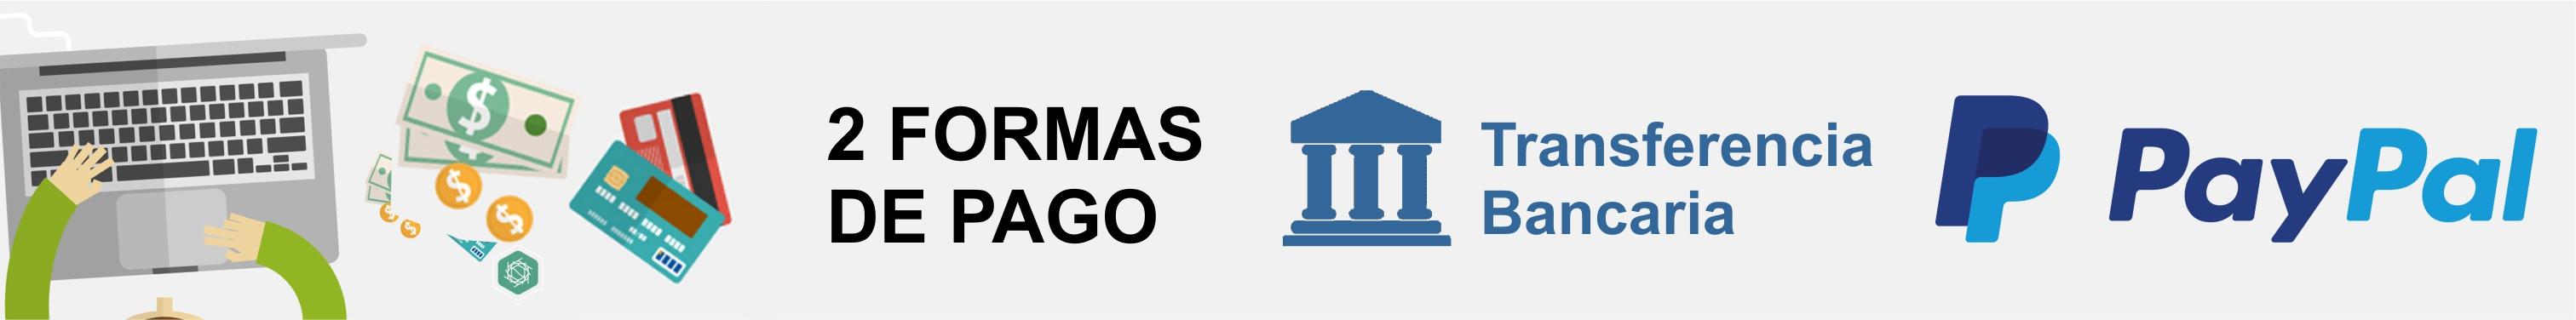 formas_de_pago3